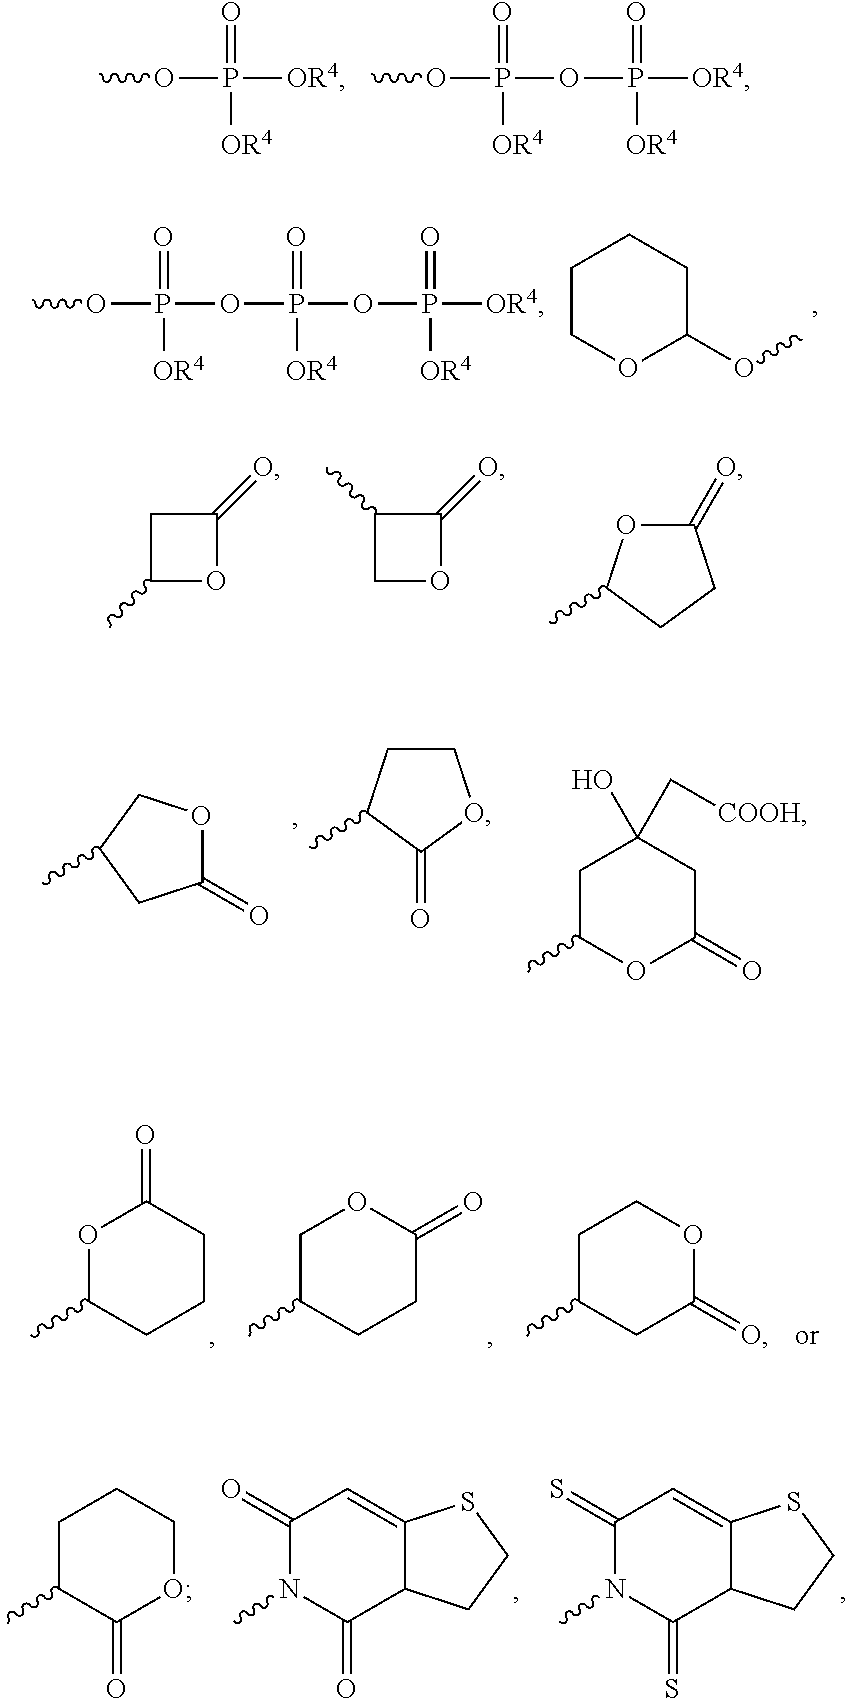 Figure US09662307-20170530-C00005